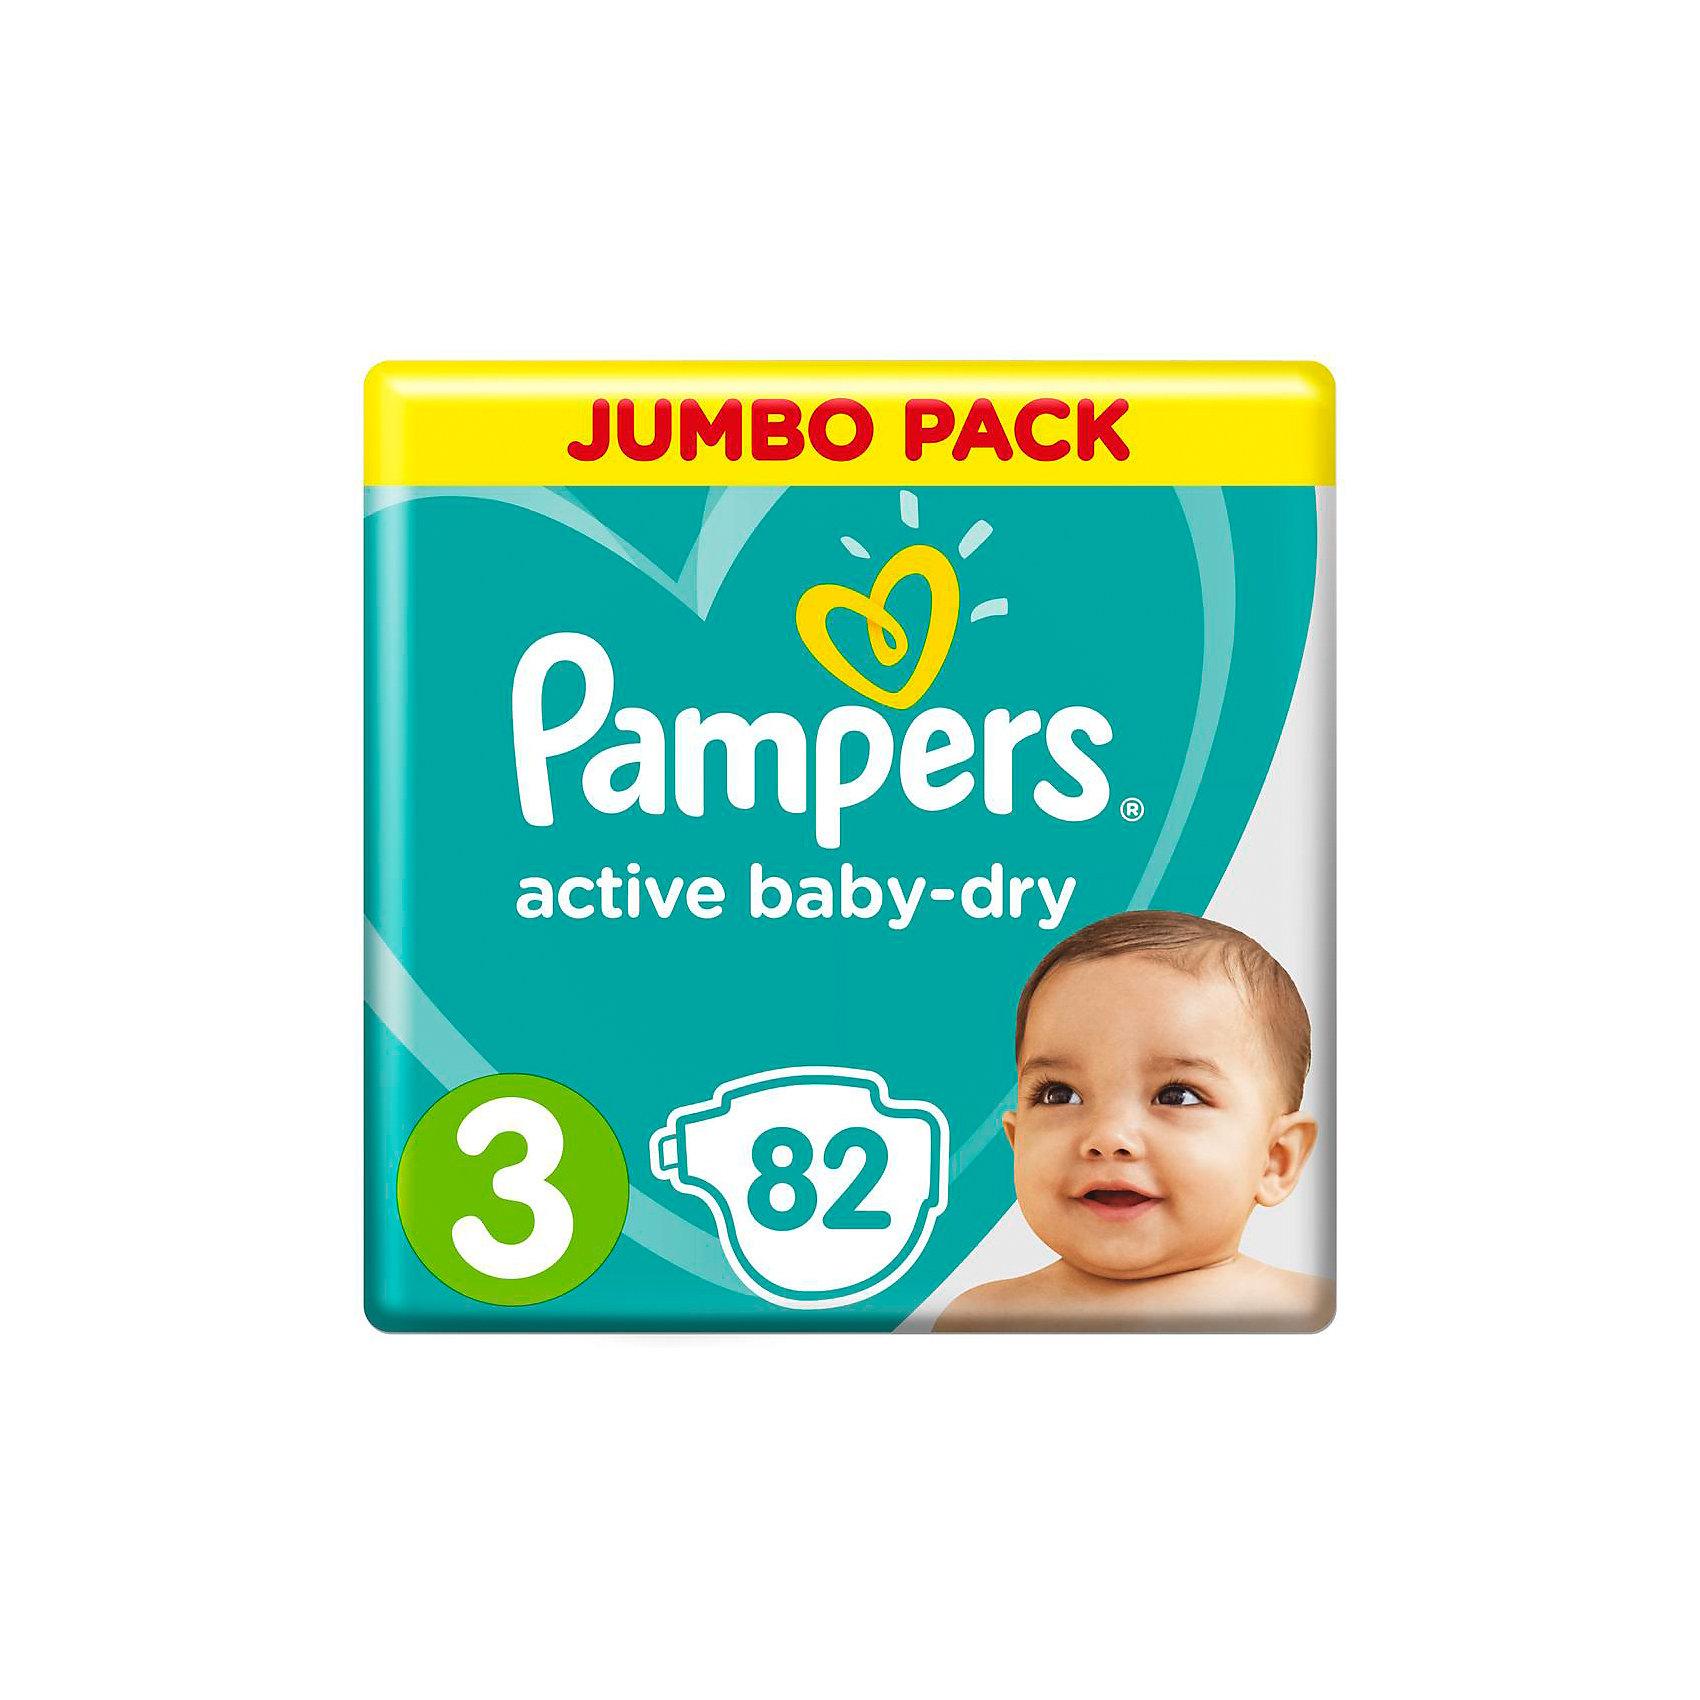 Подгузники Pampers Active Baby-Dry, 5-9 кг, 3 размер, 82 шт., PampersПодгузники 5-12 кг.<br>Характеристики:<br><br>• Пол: универсальный<br>• Тип подгузника: одноразовый<br>• Коллекция: Active Baby-Dry<br>• Предназначение: для использования в любое время суток <br>• Размер: 3<br>• Вес ребенка: от 5 до 9 кг<br>• Количество в упаковке: 82 шт.<br>• Упаковка: пакет<br>• Размер упаковки: 33,2*11,5*39,5 см<br>• Вес в упаковке: 2 кг 143 г<br>• Эластичные застежки-липучки<br>• Быстро впитывающий слой<br>• Мягкий верхний слой<br>• Сохранение сухости в течение 12-ти часов<br><br>Подгузники Pampers Active Baby-Dry, 5-9 кг, 3 размер, 82 шт., Pampers – это линейка классических детских подгузников от Pampers, которая сочетает в себе качество и безопасность материалов, удобство использования и комфорт для нежной кожи малыша. Подгузники предназначены для младенцев весом до 9 кг. Инновационные технологии и современные материалы обеспечивают этим подгузникам Дышащие свойства, что особенно важно для кожи малыша. <br><br>Впитывающие свойства изделию обеспечивает уникальный слой, состоящий из жемчужных микрогранул. У подгузников предусмотрена эластичная мягкая резиночка на спинке. Широкие липучки с двух сторон обеспечивают надежную фиксацию. Подгузник имеет мягкий верхний слой, который обеспечивает не только комфорт, но и защищает кожу ребенка от раздражений. Подгузник подходит как для мальчиков, так и для девочек. <br><br>Подгузники Pampers Active Baby-Dry, 5-9 кг, 3 размер, 82 шт., Pampers можно купить в нашем интернет-магазине.<br><br>Ширина мм: 332<br>Глубина мм: 115<br>Высота мм: 395<br>Вес г: 2143<br>Возраст от месяцев: 3<br>Возраст до месяцев: 12<br>Пол: Унисекс<br>Возраст: Детский<br>SKU: 5419078